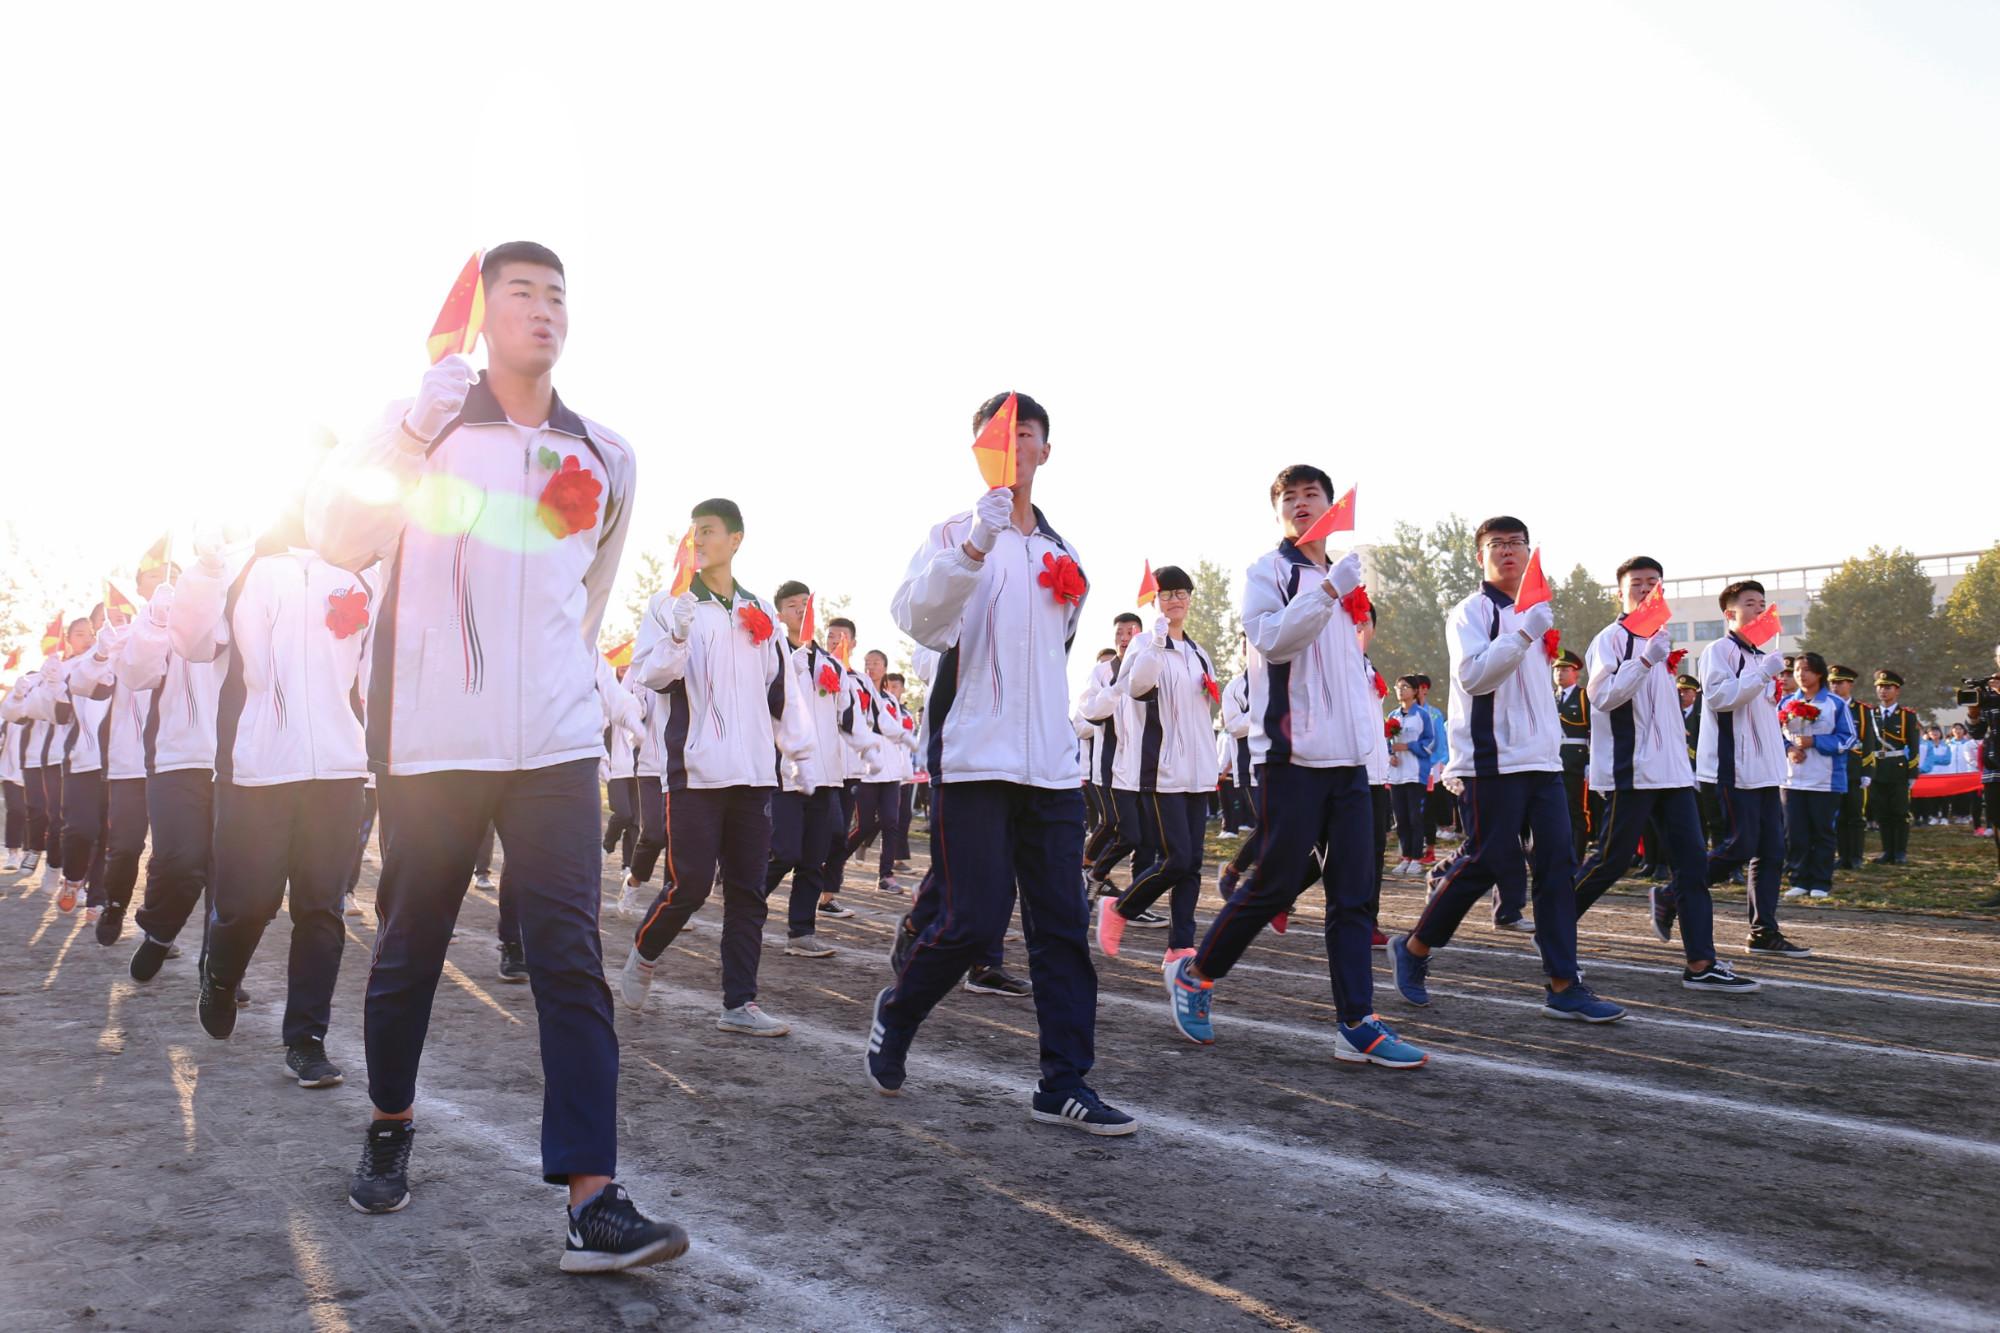 第26届秋季运动会开幕式9